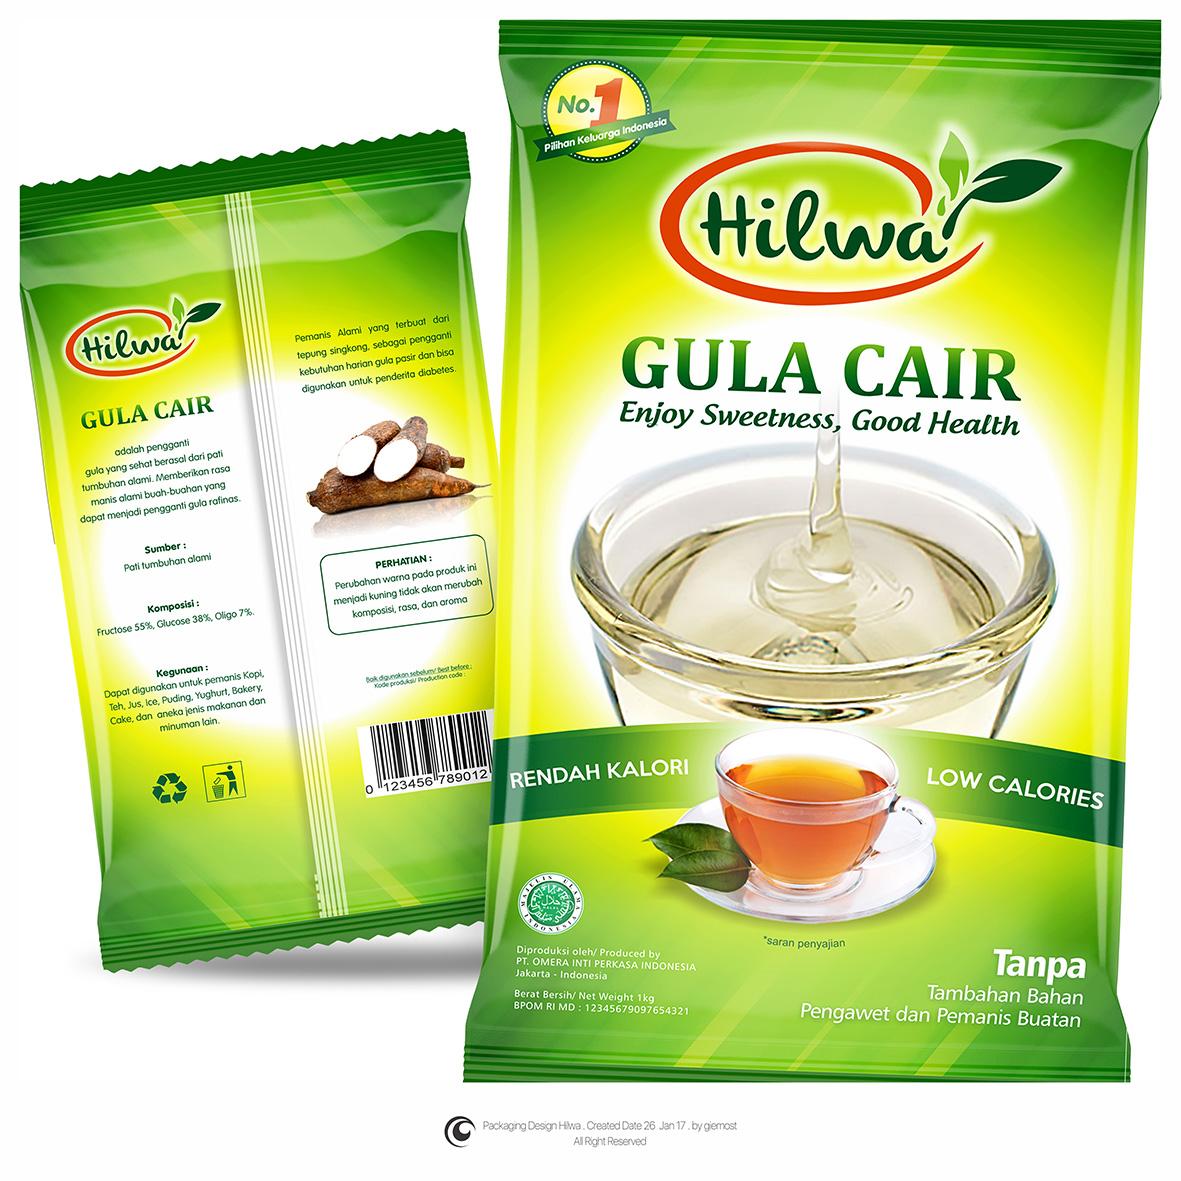 Contohkemasan: Desain Kemasan Untuk Produk Gula C